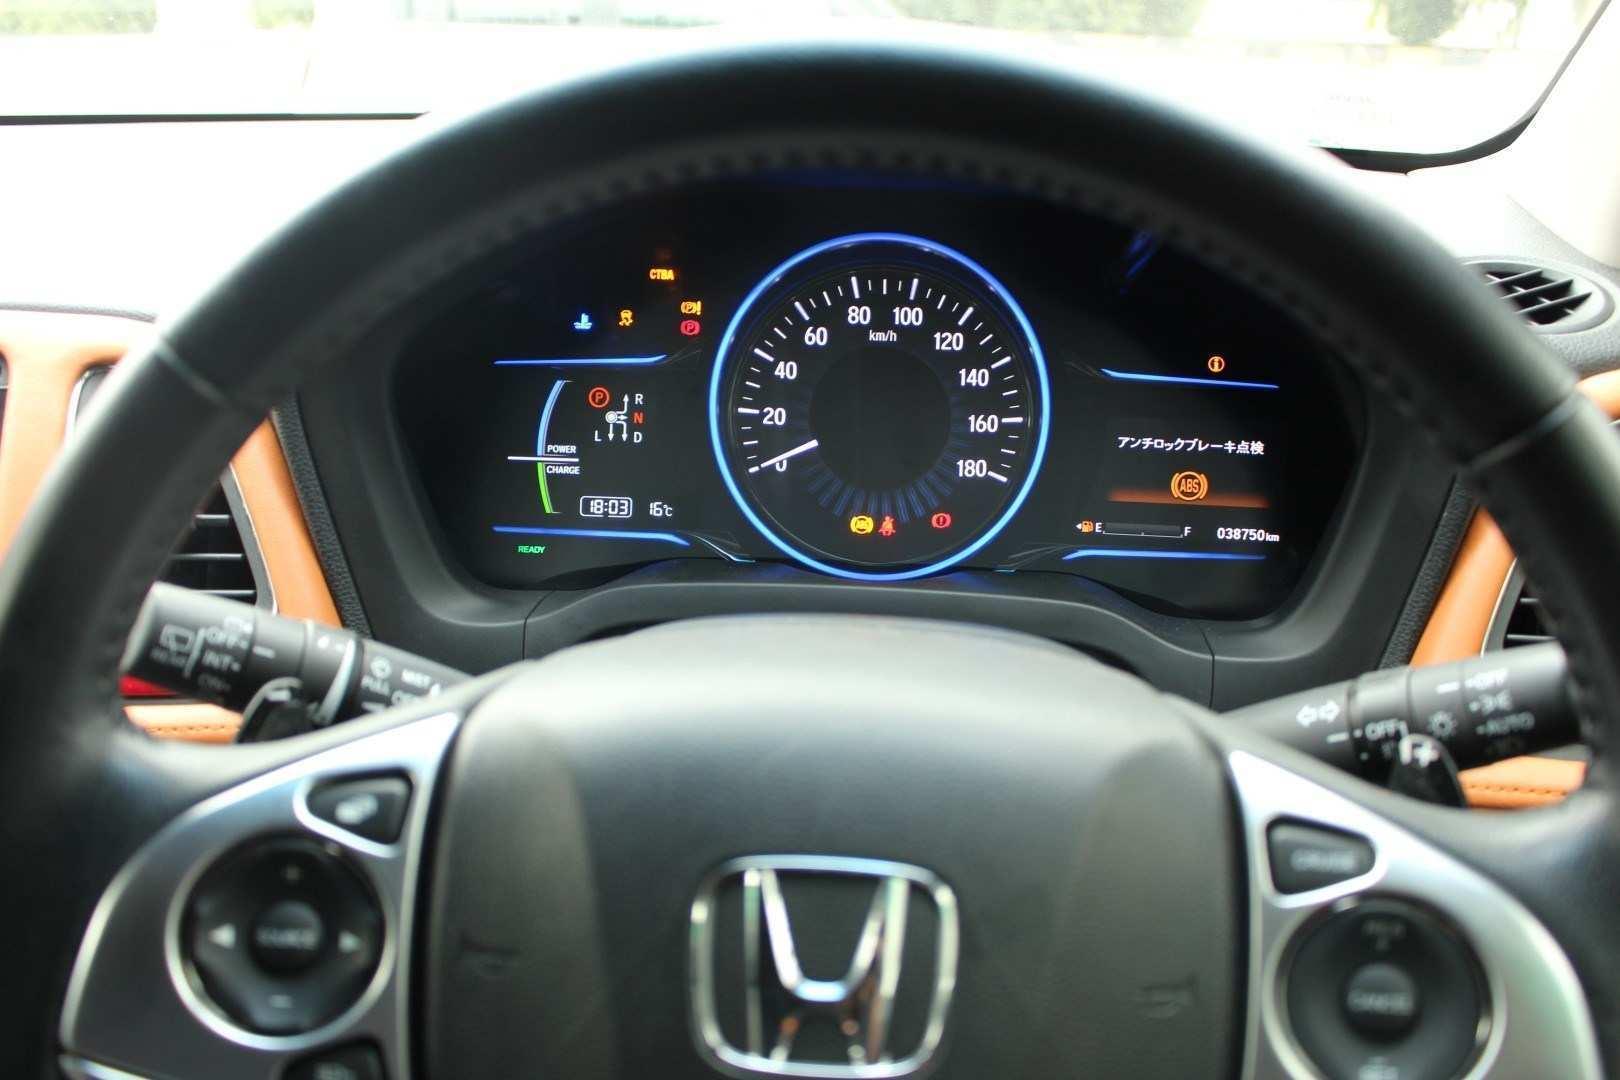 52 The 2020 Honda Vezels Picture by 2020 Honda Vezels